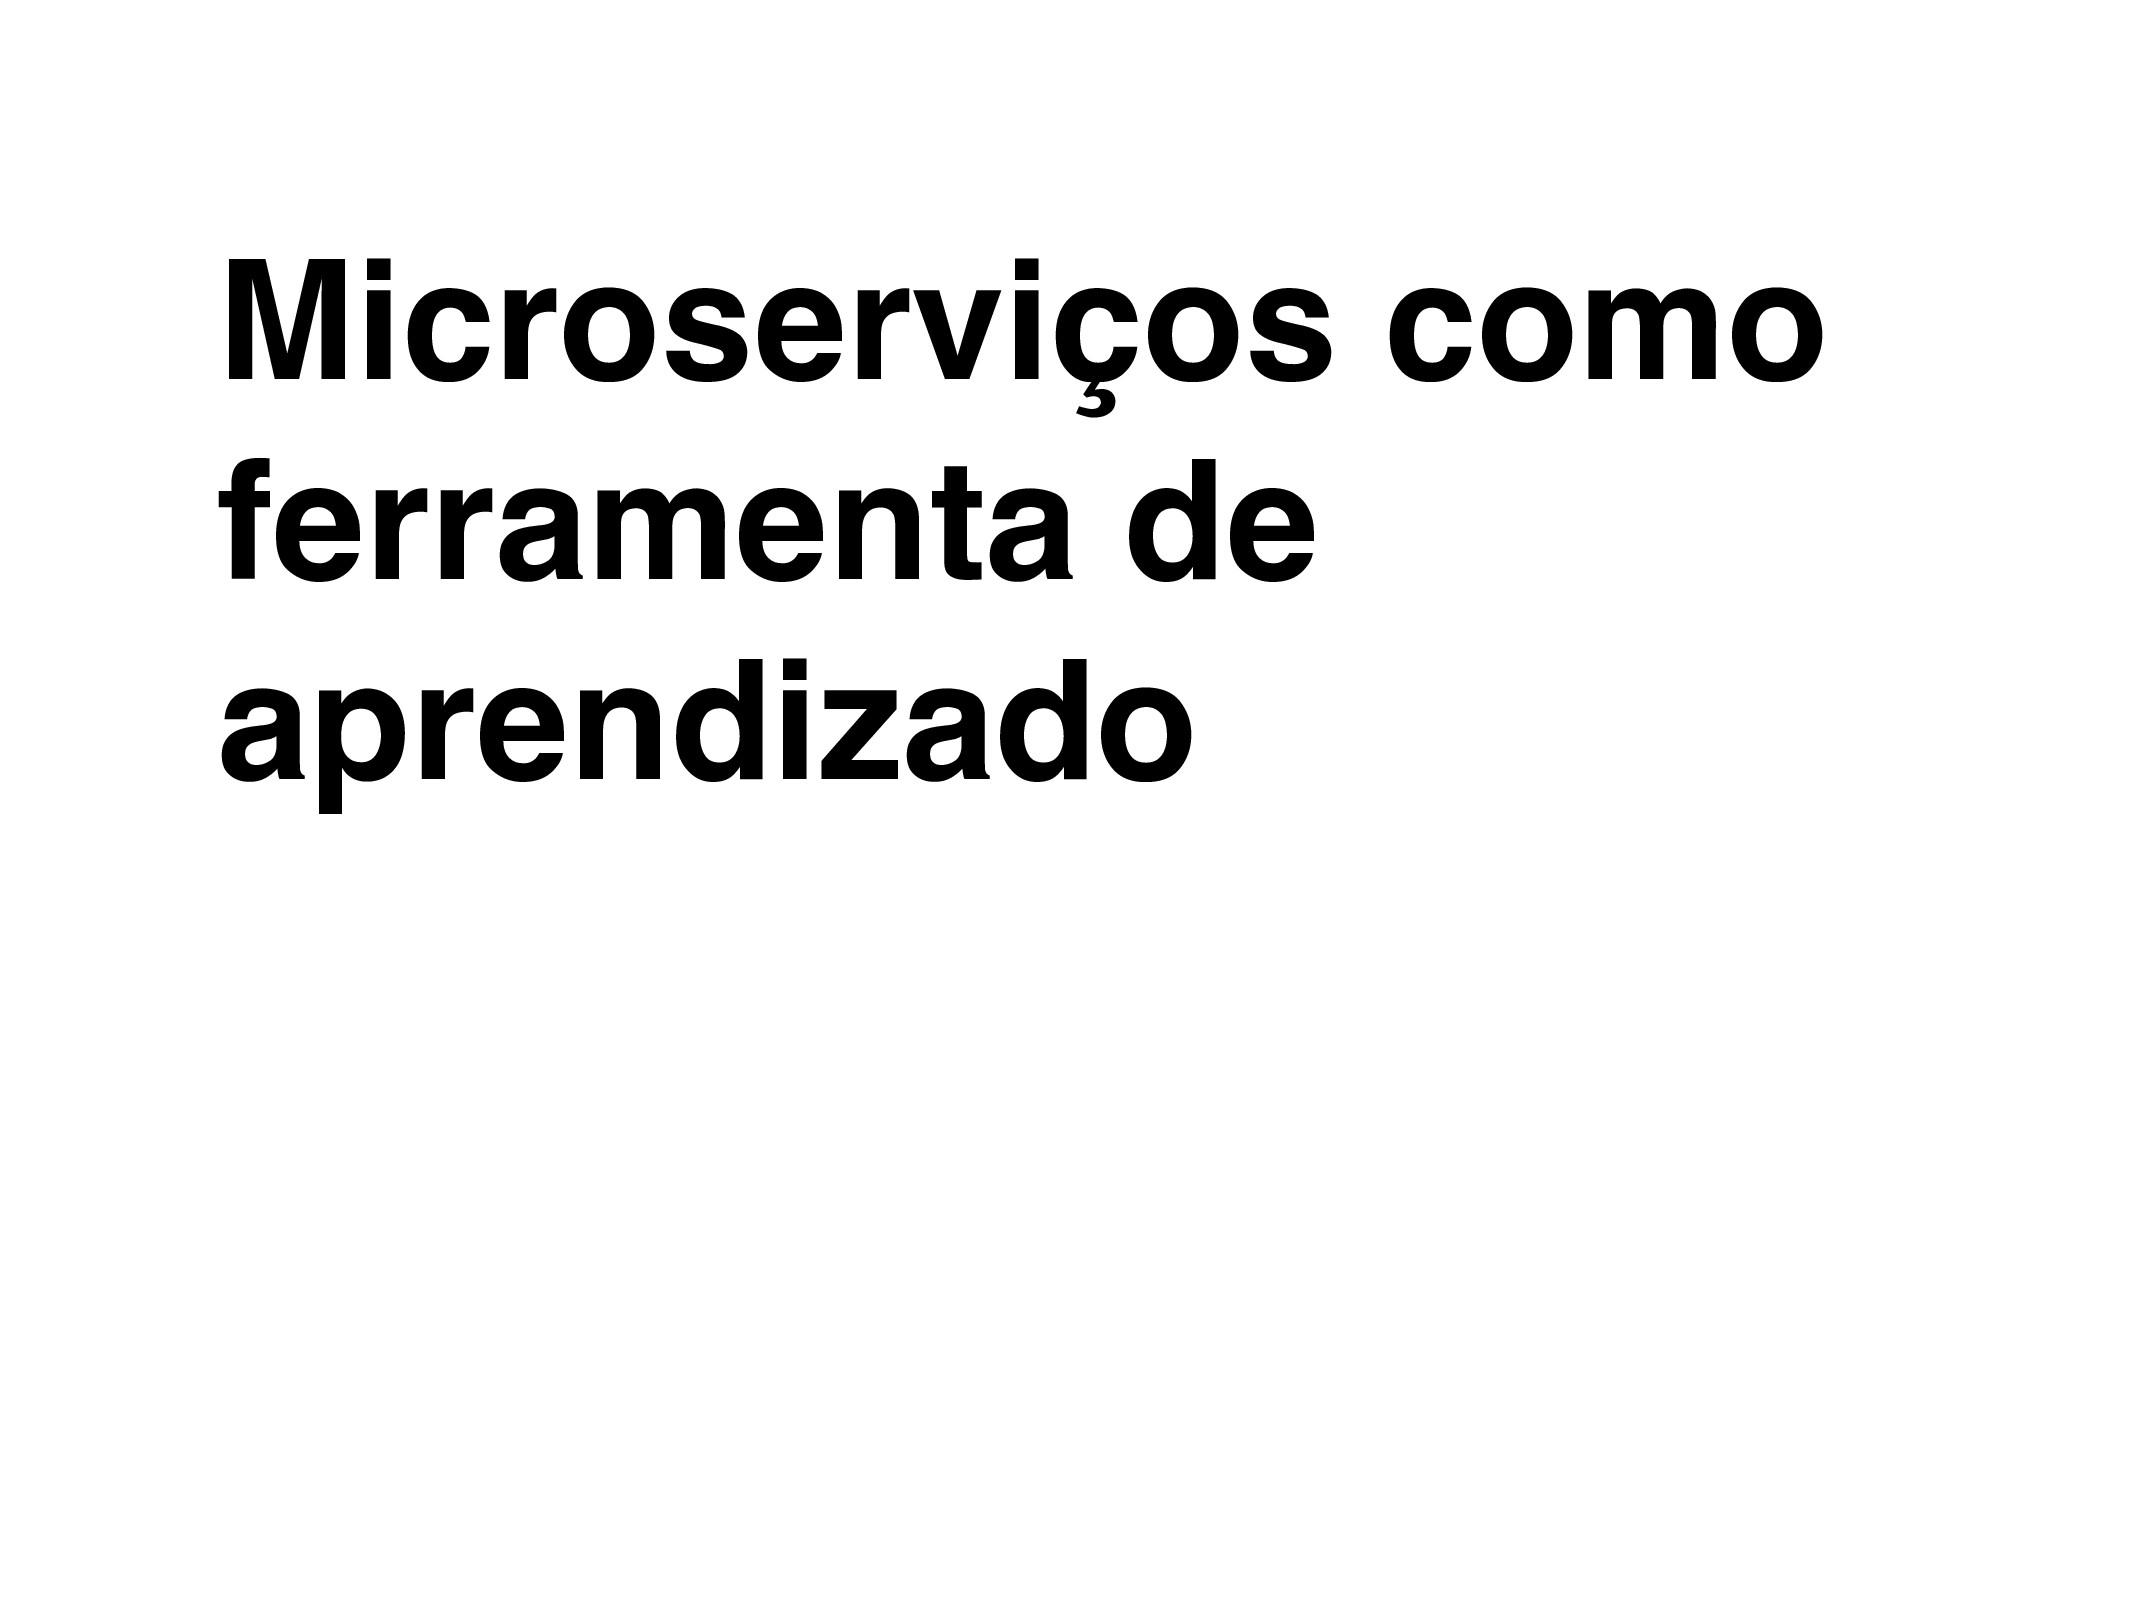 Microserviços como ferramenta de aprendizado